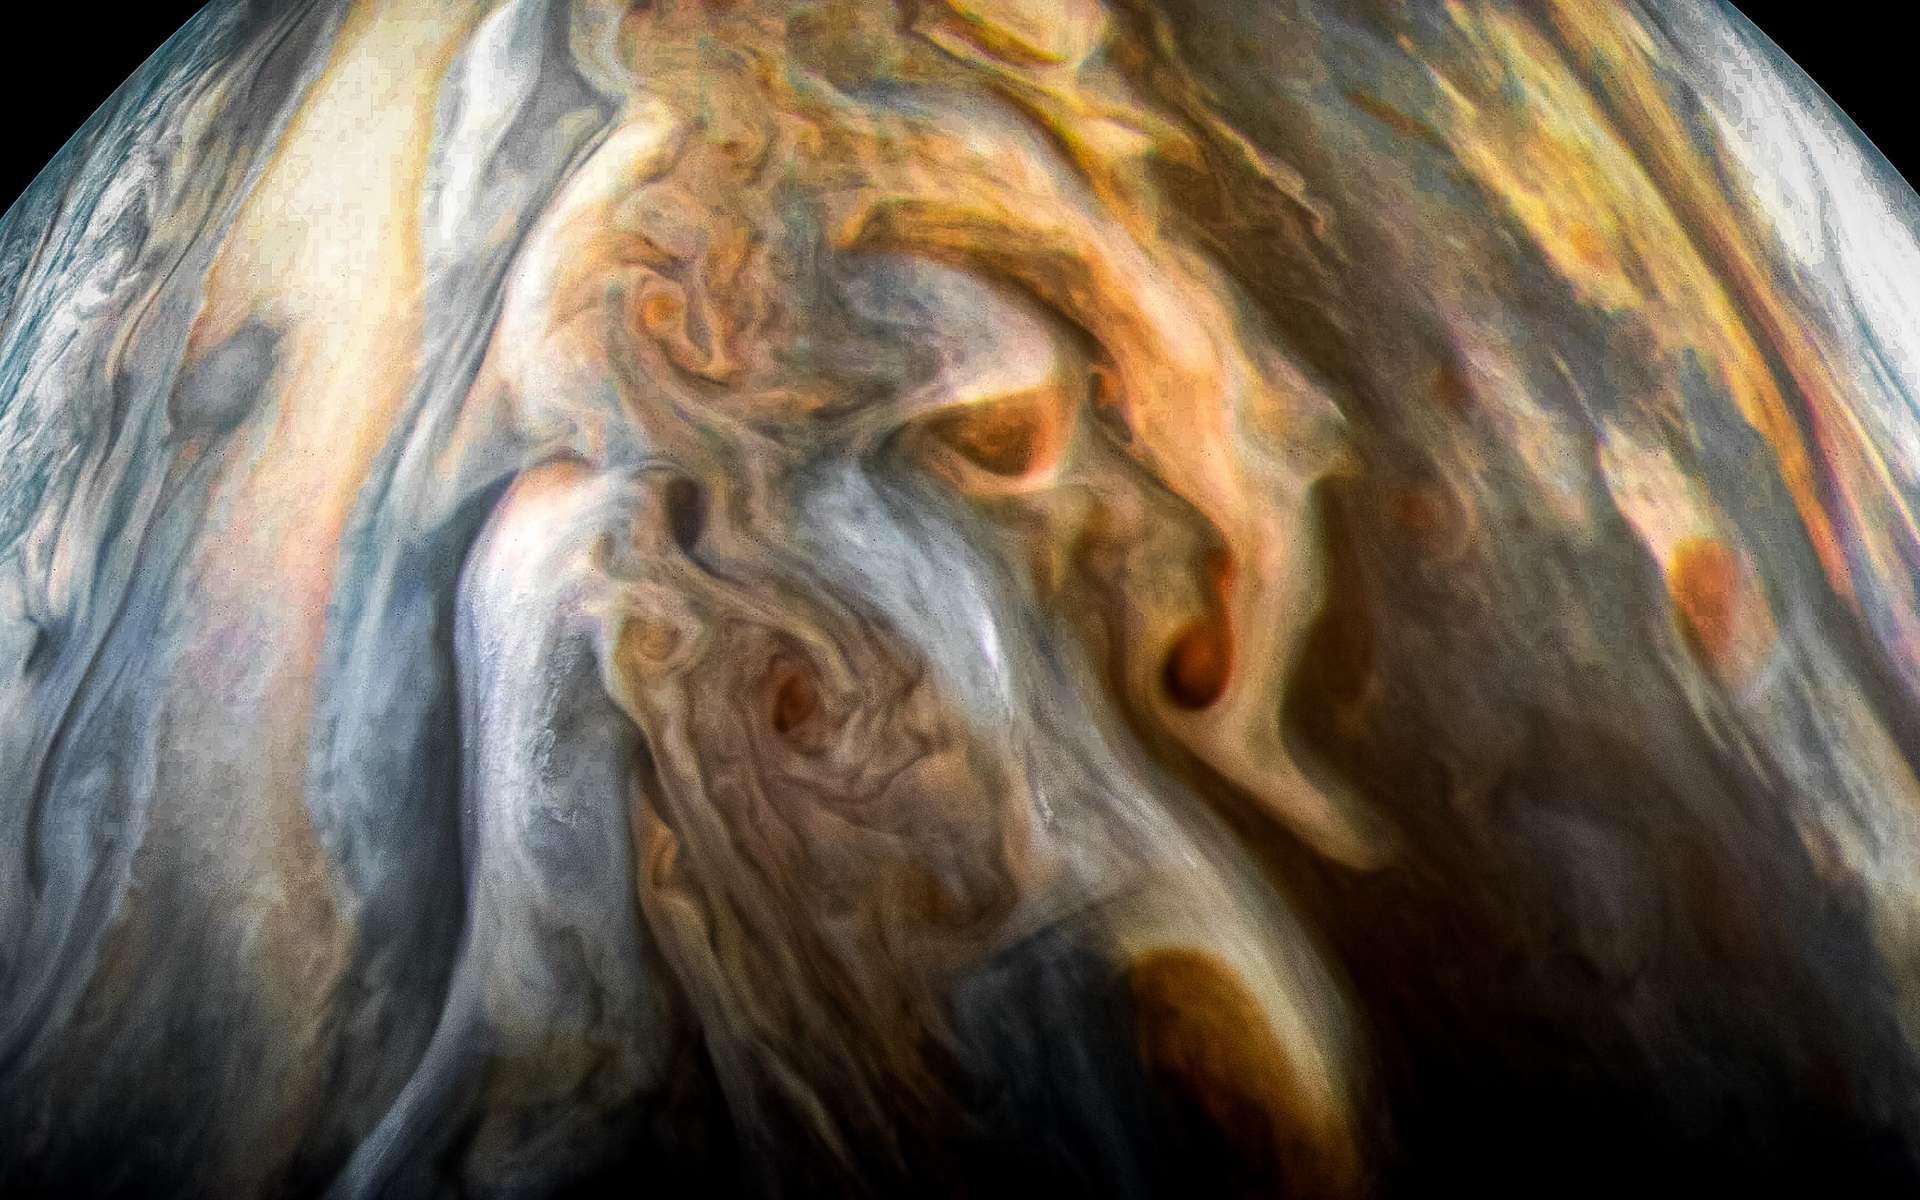 La région équatorial australe de Jupiter, vue par JunoCam le 1er septembre 2017. © Nasa, JPL-Caltech, SwRI, MSSS, Kevin M. Gill